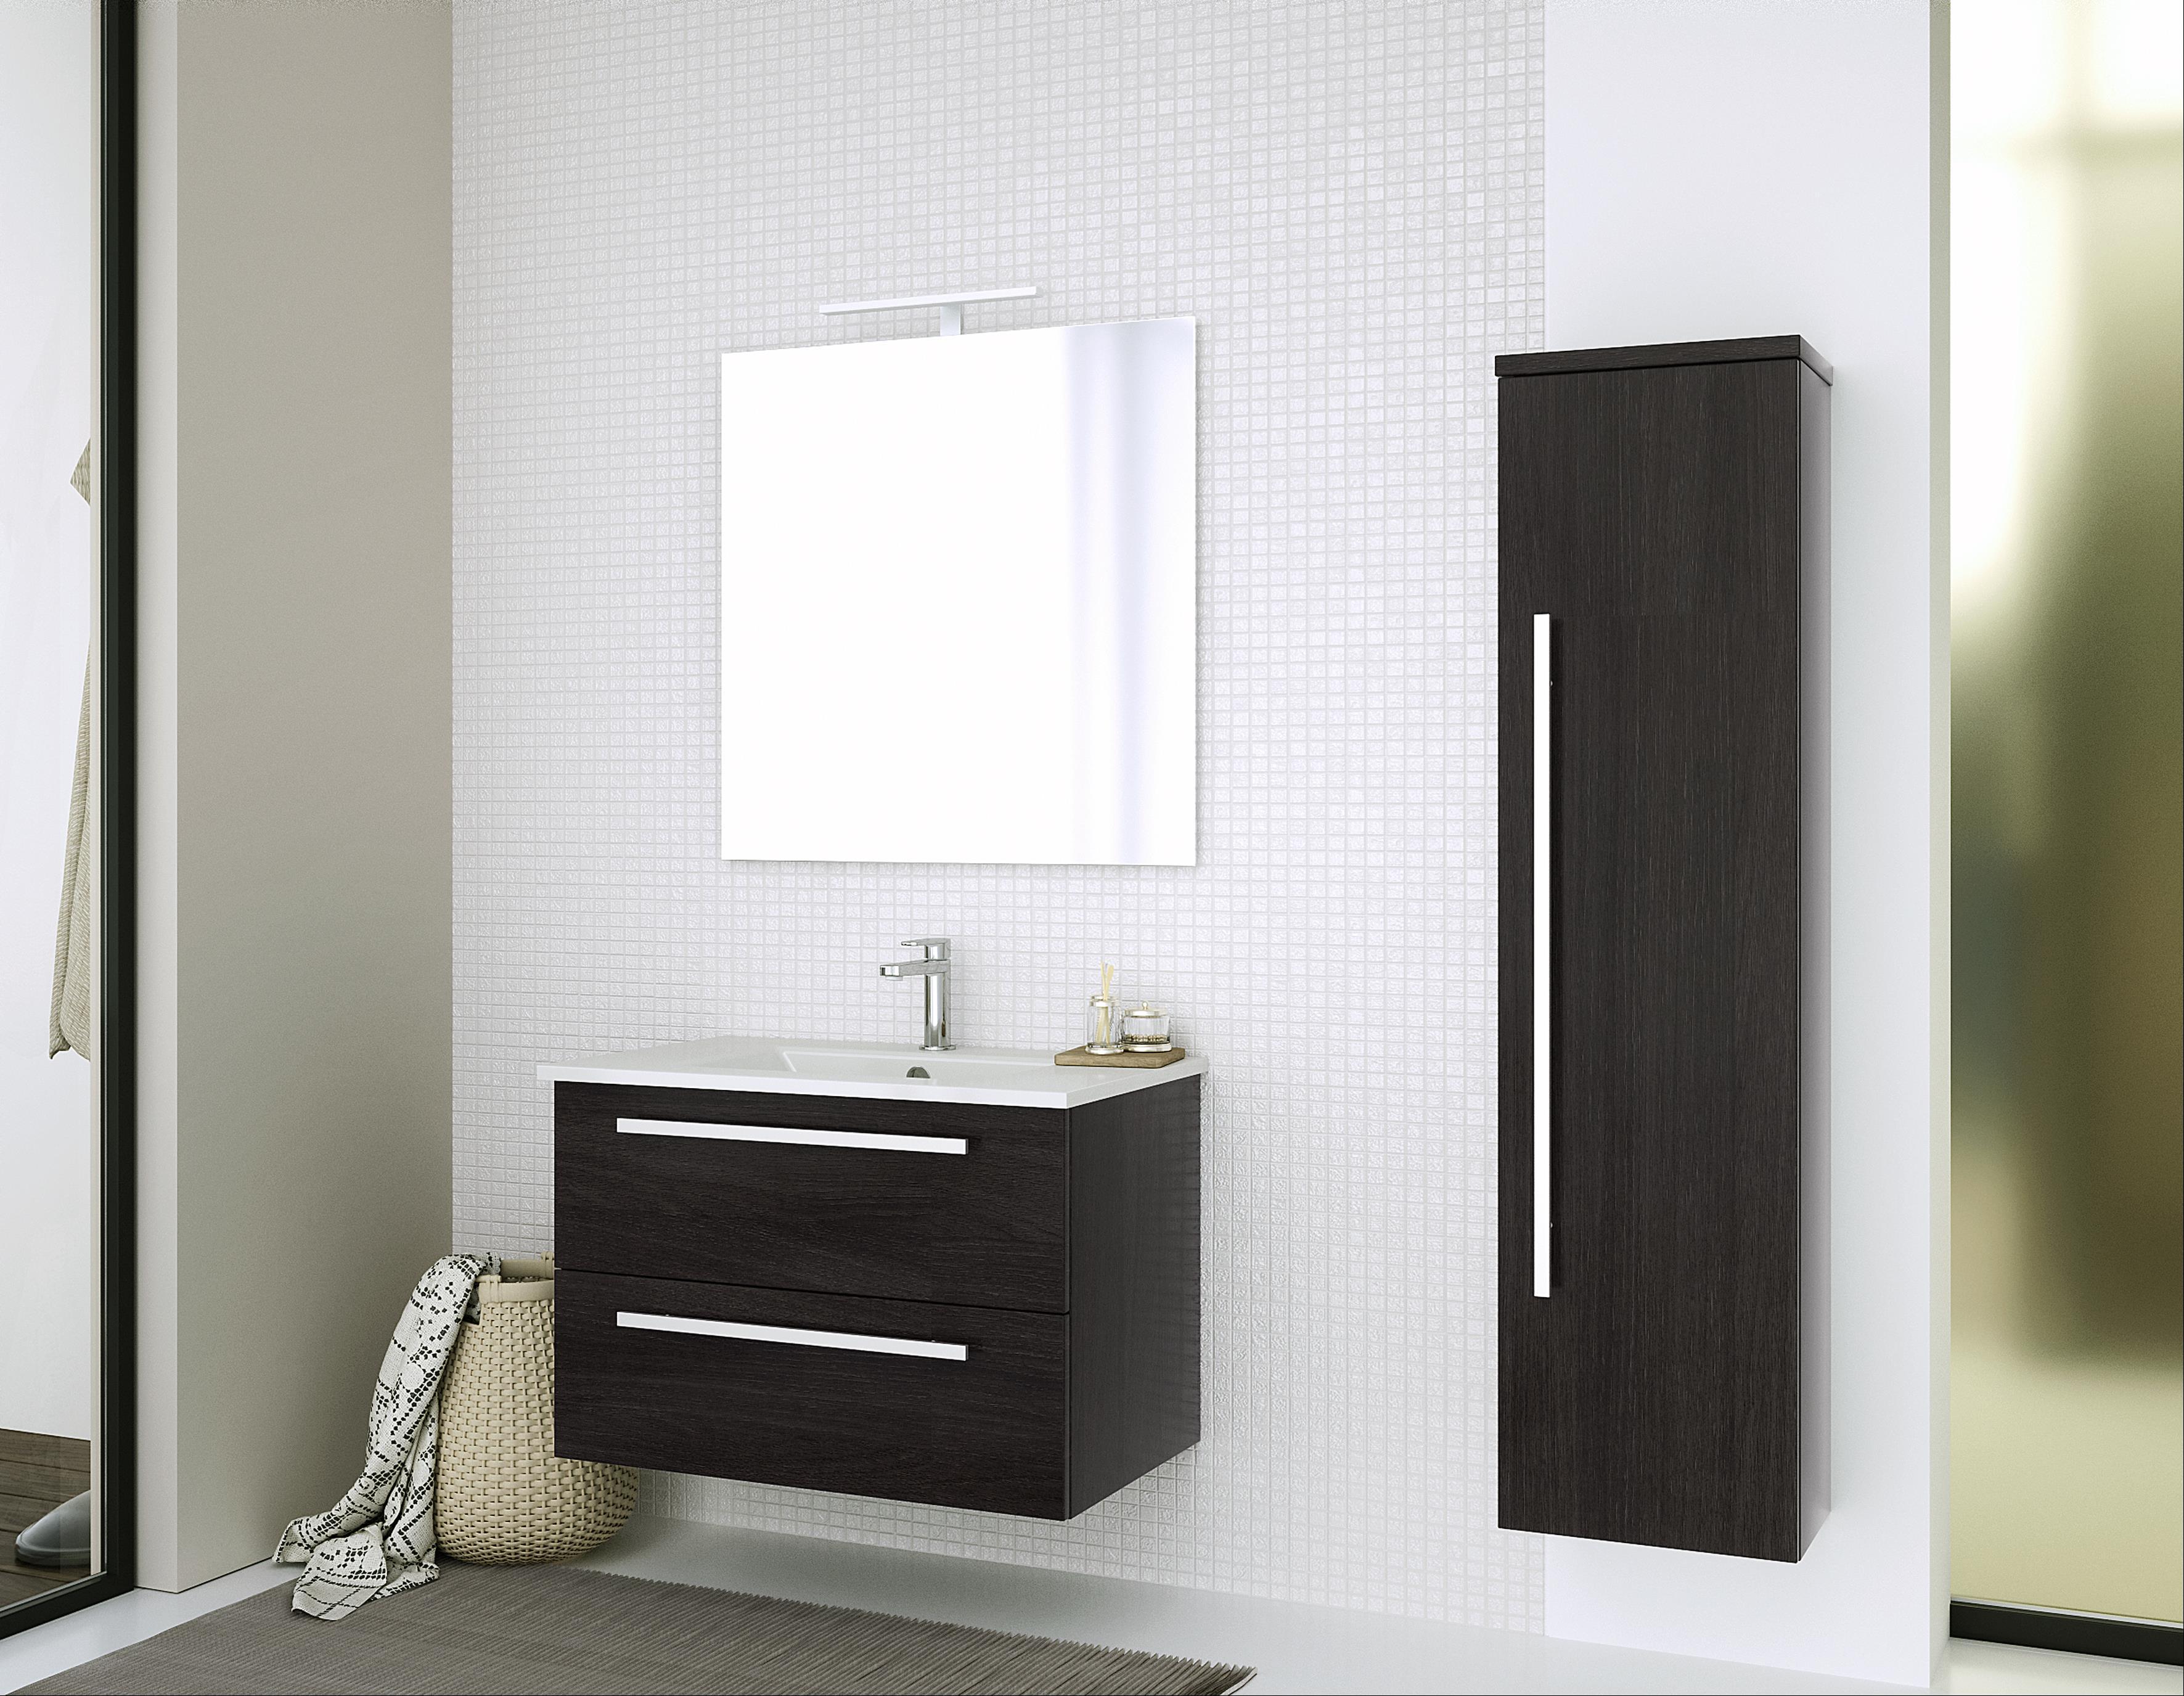 Bad Waschtischunterschrank mit Keramik-Waschtisch Serena 76 Eiche schwarz Bild 4